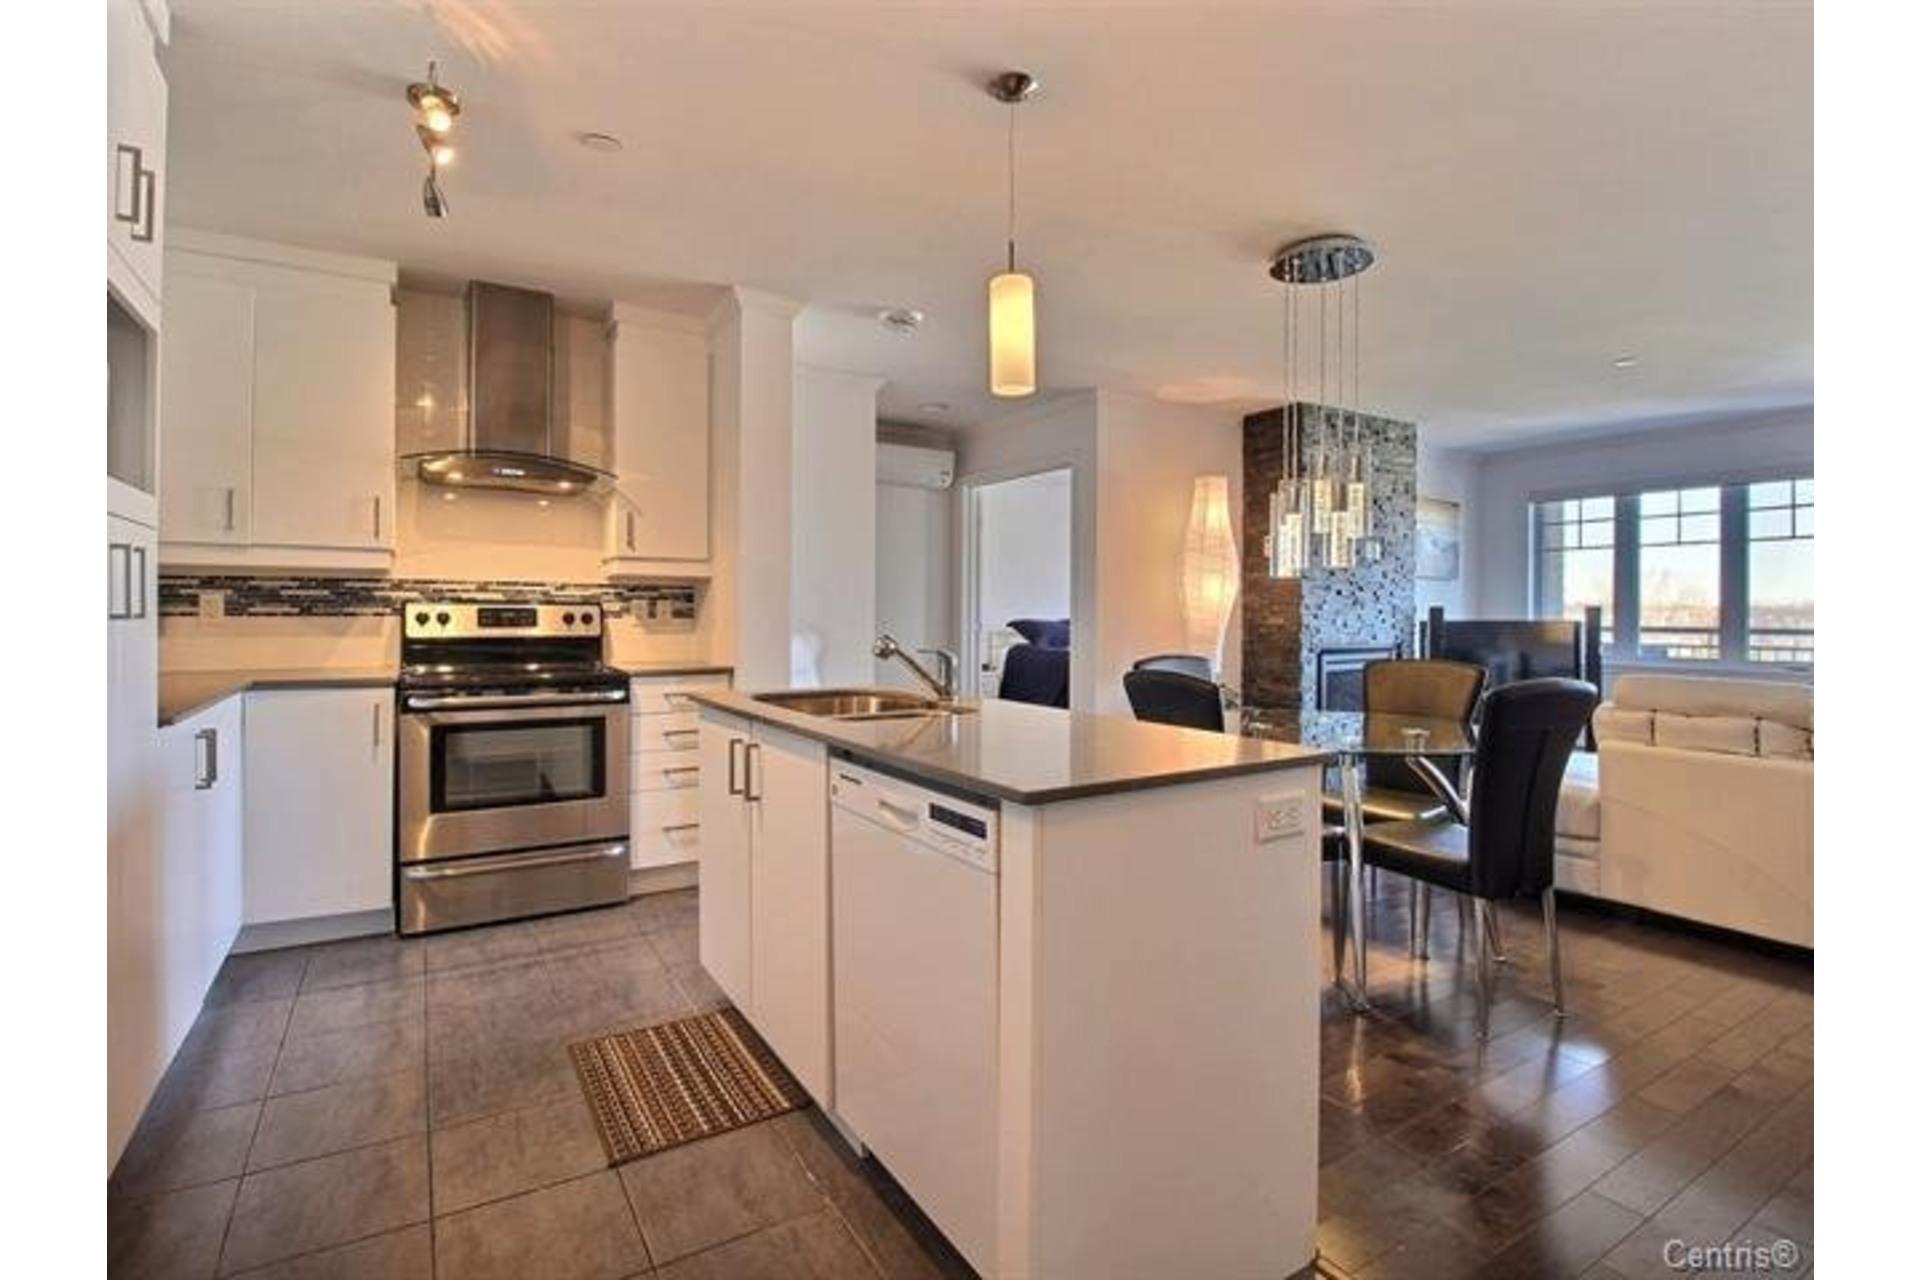 image 4 - Apartment For sale Montréal Pierrefonds-Roxboro  - 7 rooms